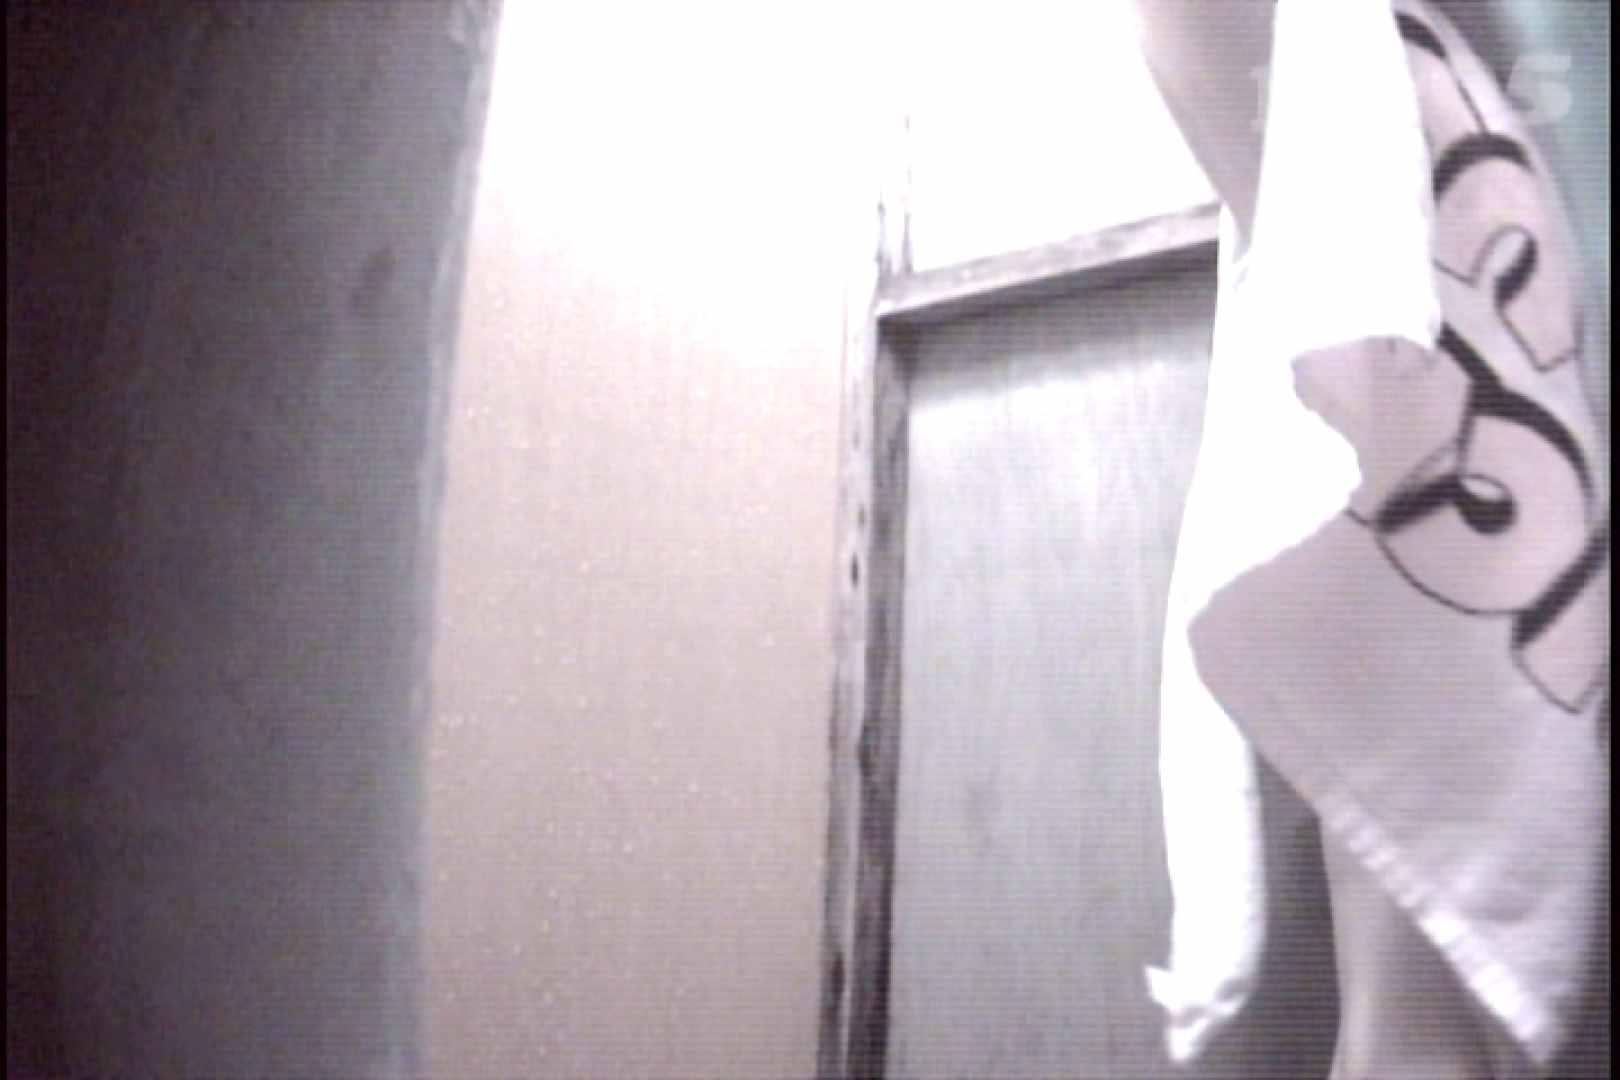 File.35 下からくっきりワレメちゃん確認! OLの実態 のぞき濡れ場動画紹介 75pic 9